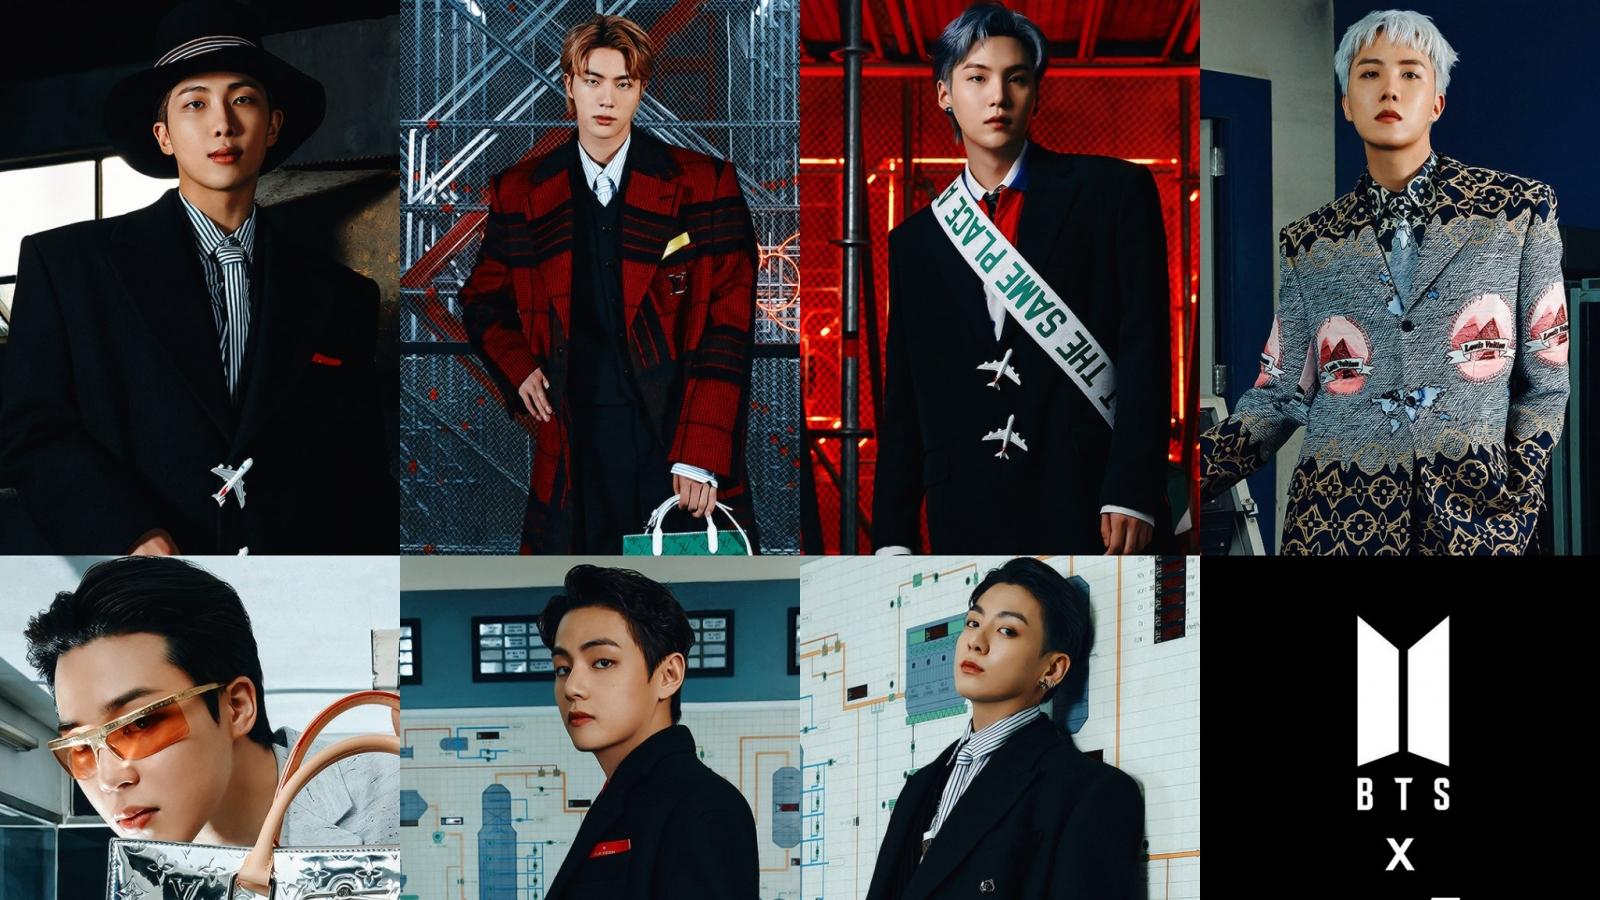 BTS thời thượng, quyền lực, mở màn show diễn của Louis Vuitton